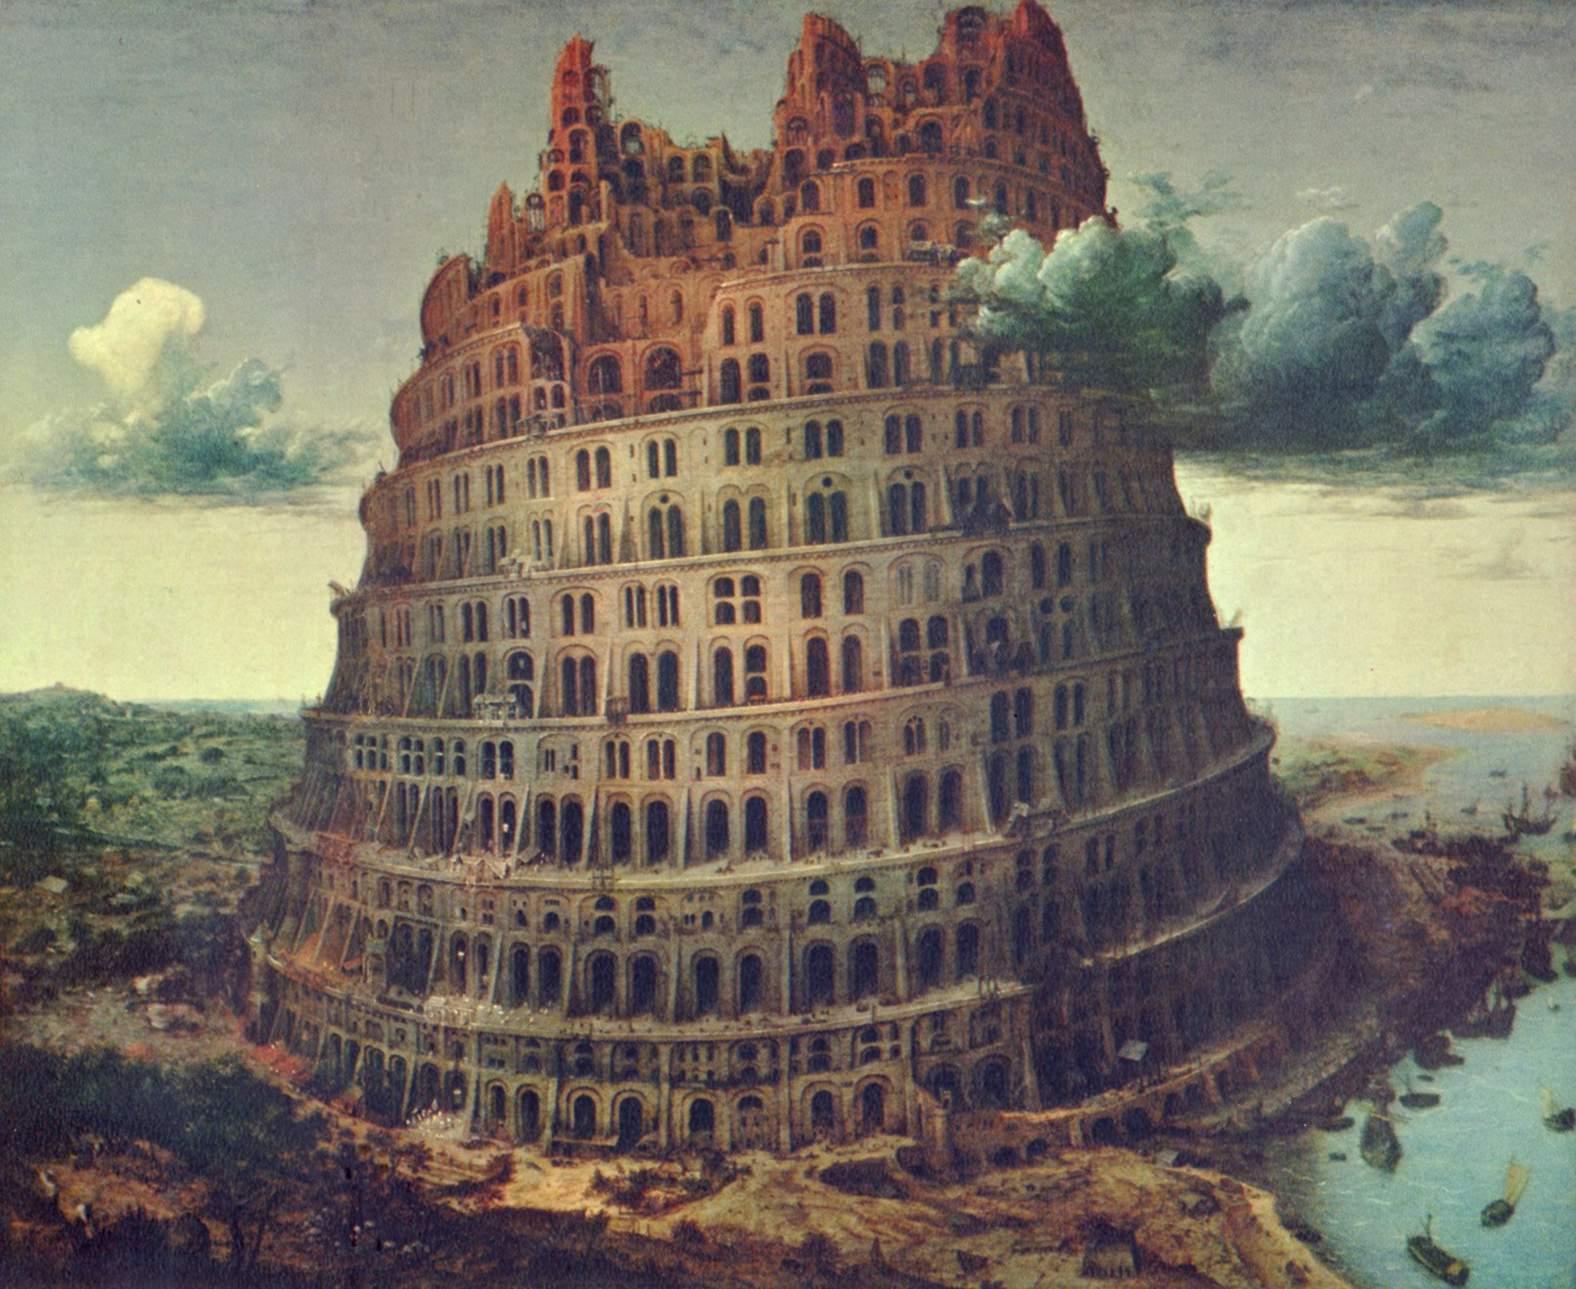 Pieter_Bruegel_d._Ä._076.jpg